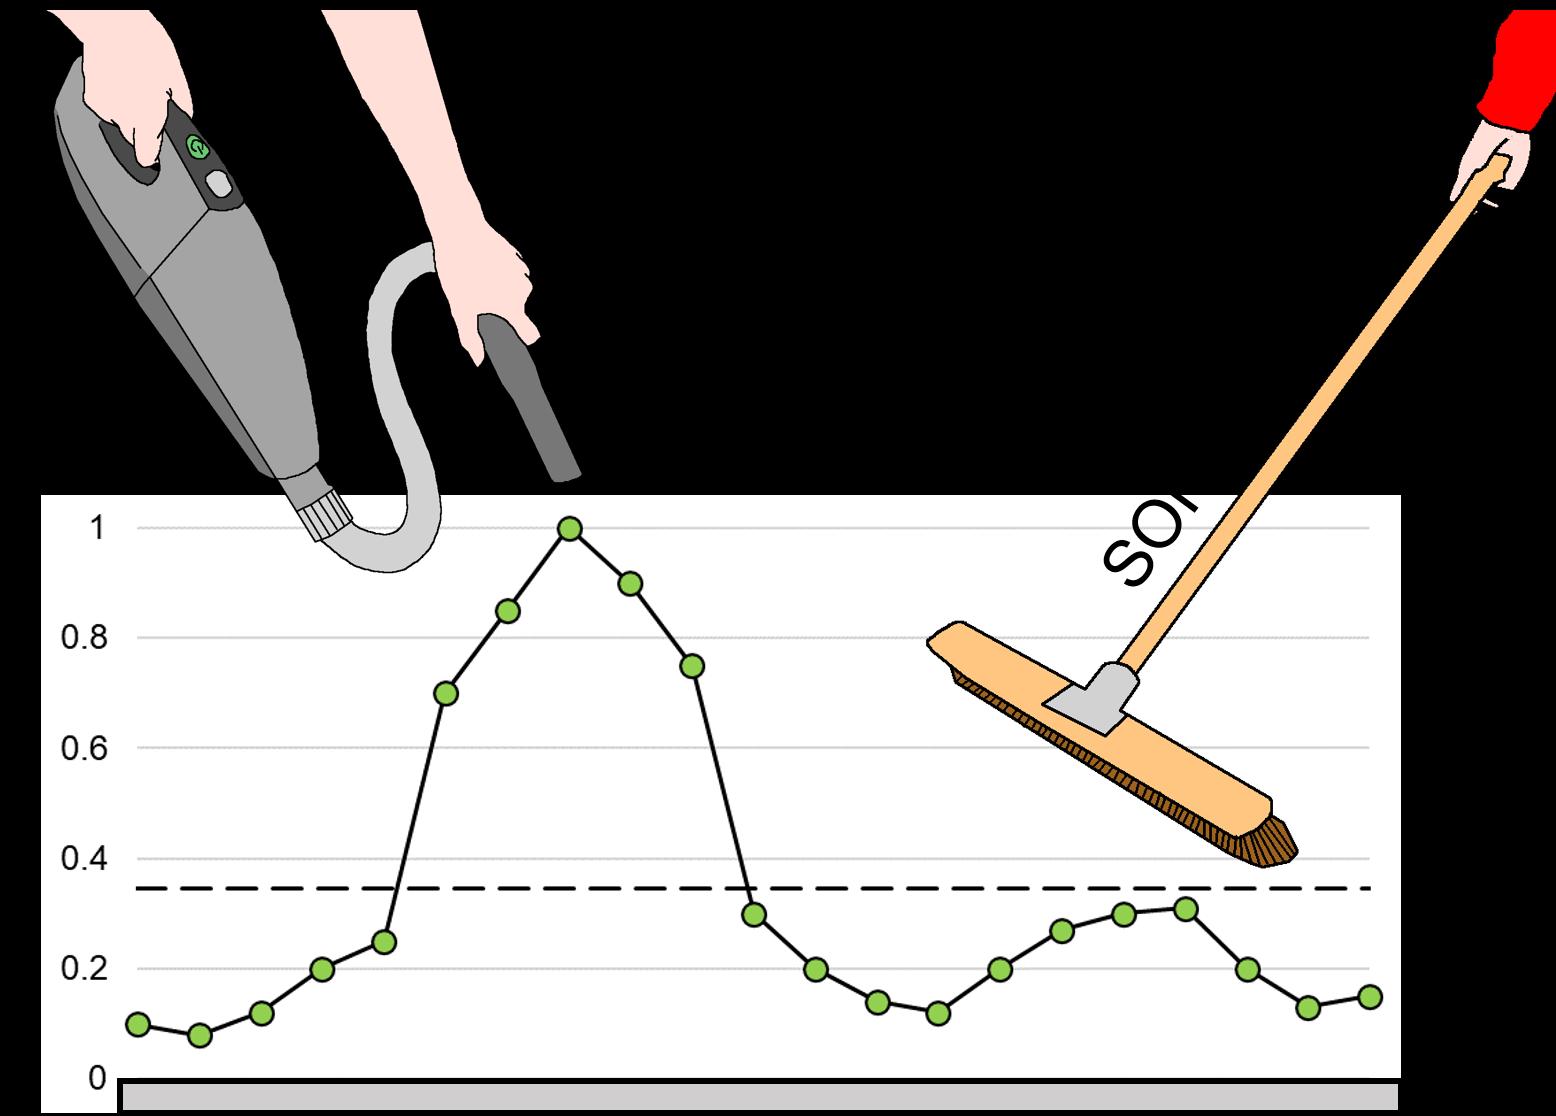 Combined sweeps